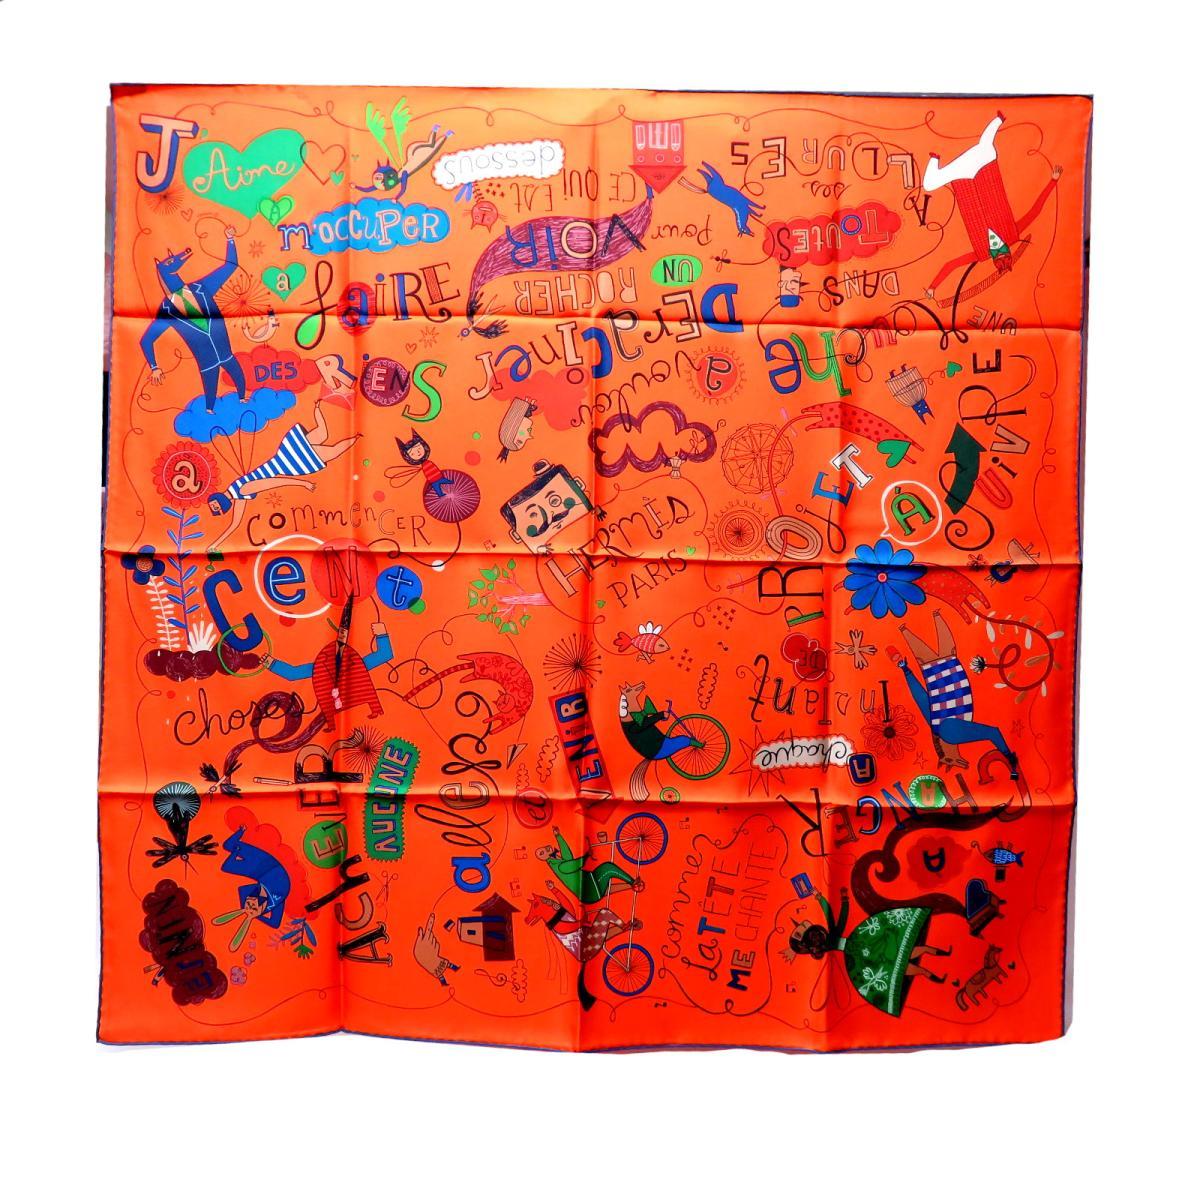 【中古】 エルメス カレ90 自転車 スカーフ 衣料品 レディース シルク ORANJGE/BLEU/VERT | HERMES BRANDOFF ブランドオフ ブランド